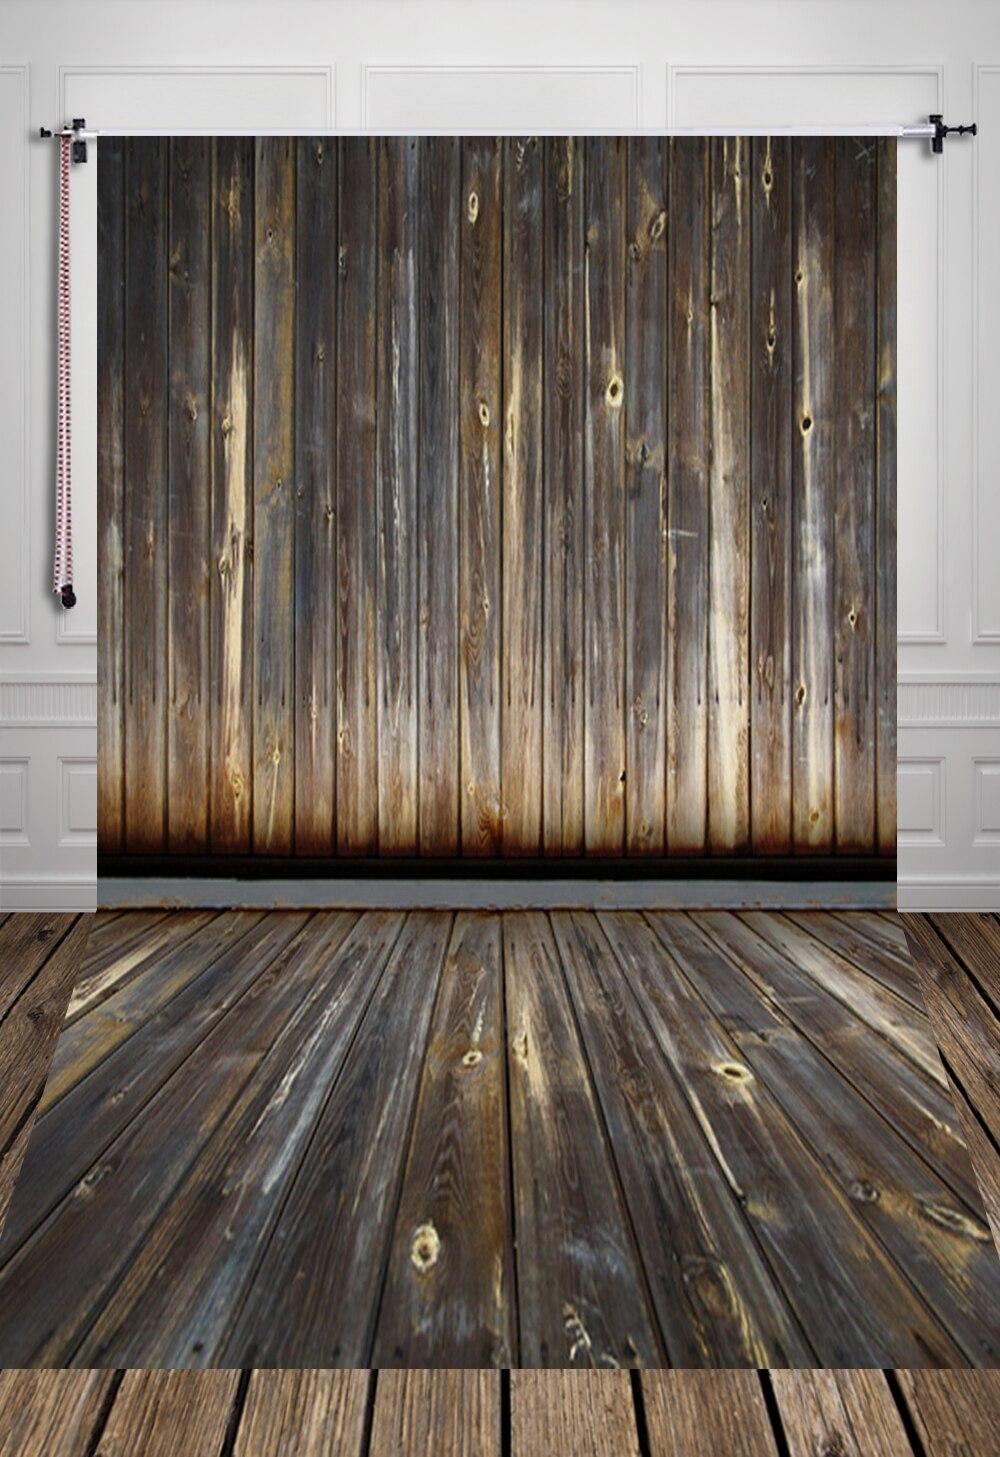 Impression Photo Planche Bois €8.68 35% de réduction|arrière plans de photographie d'impression de  planche patinée de d 7057 pour studio arrière plans de photo en bois de pin  de